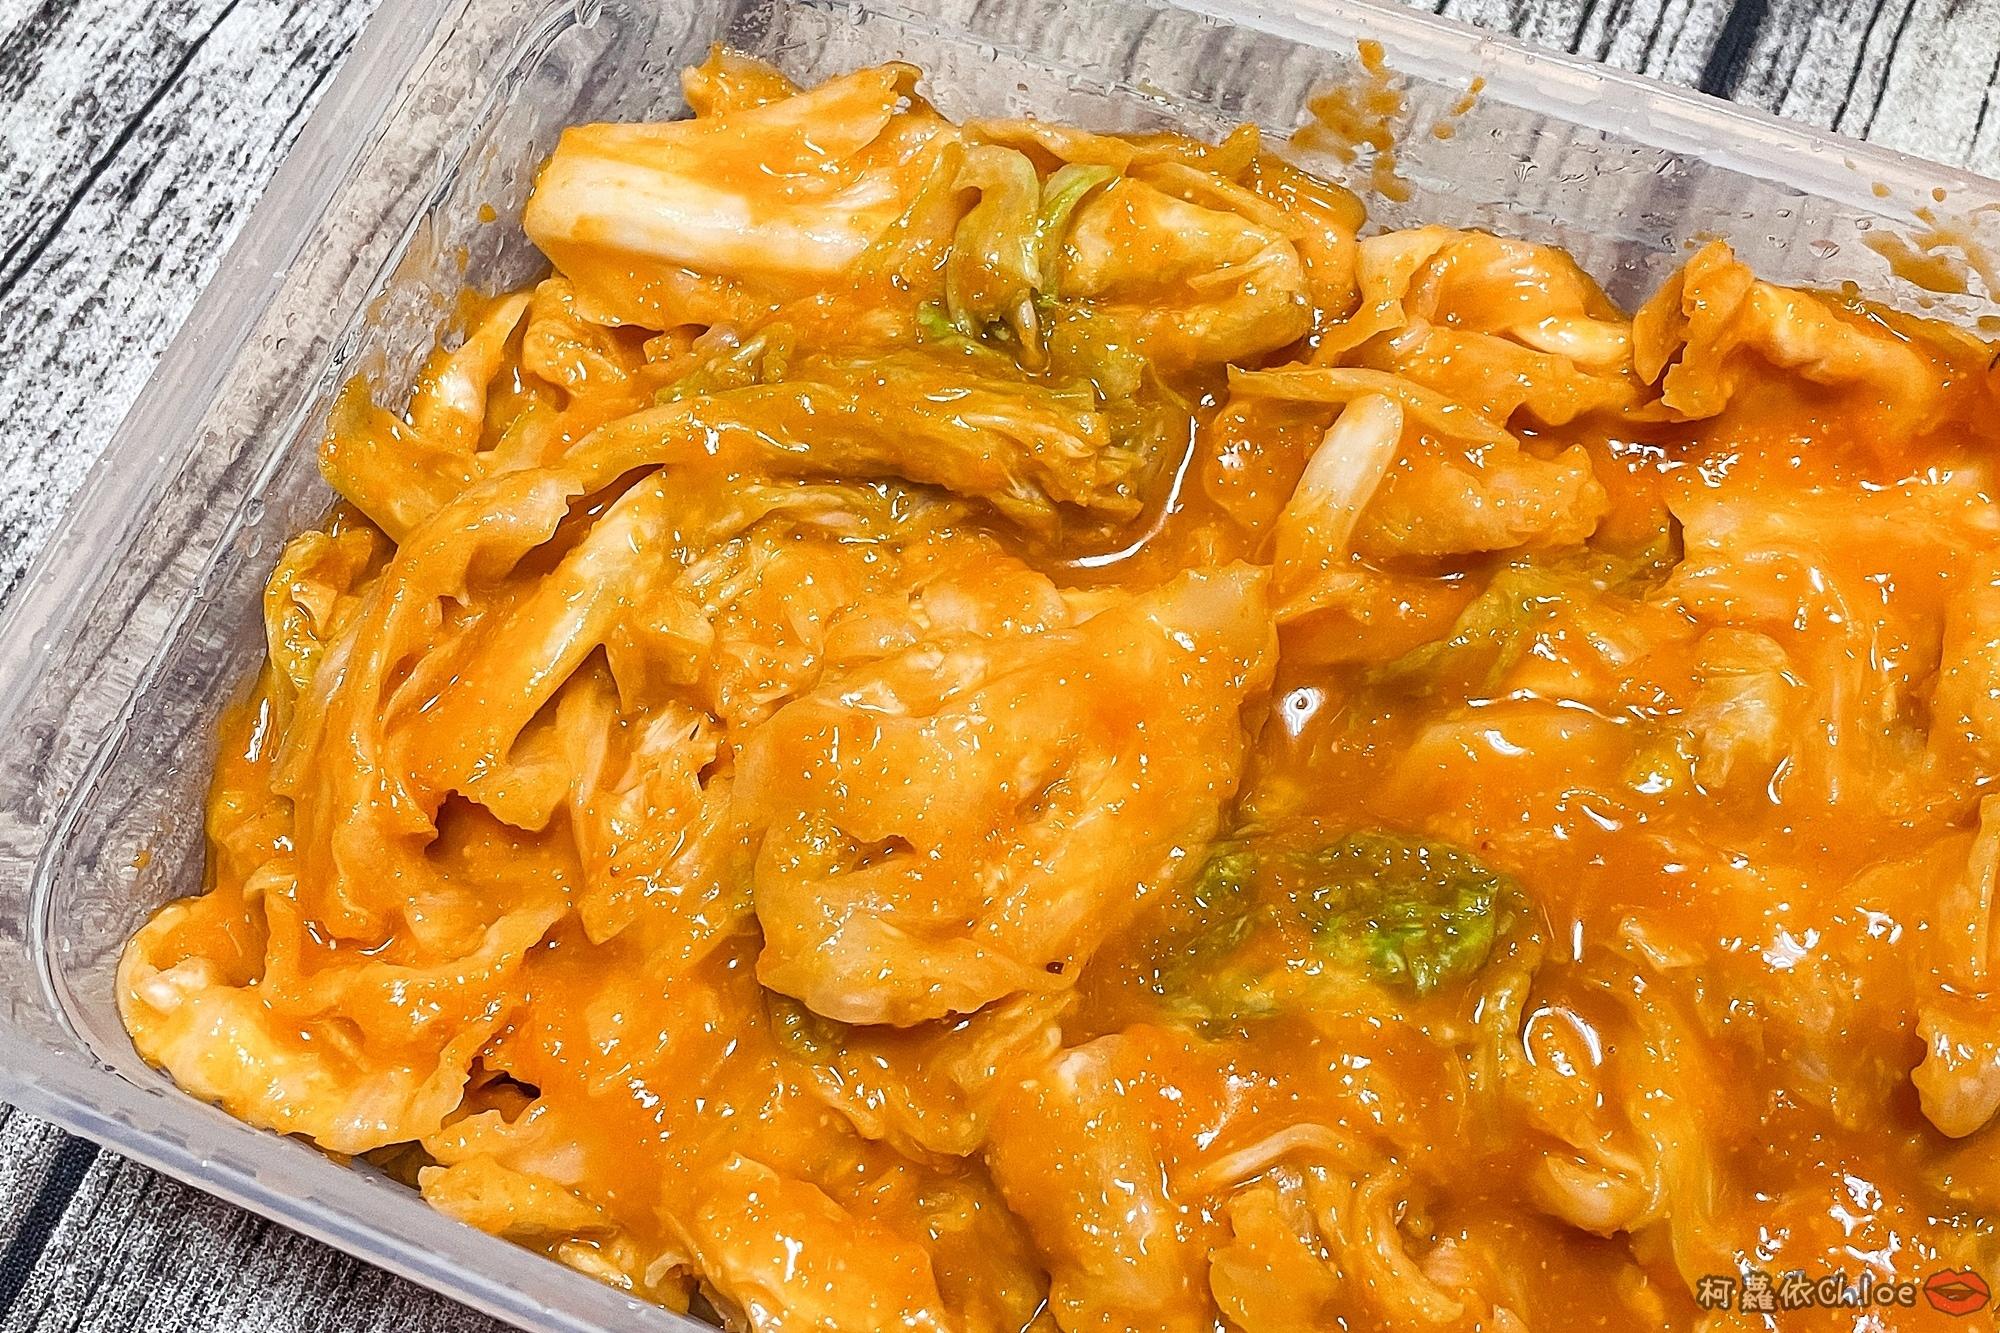 食譜 黃金泡菜DIY 家常版 第一次就成功17.JPG